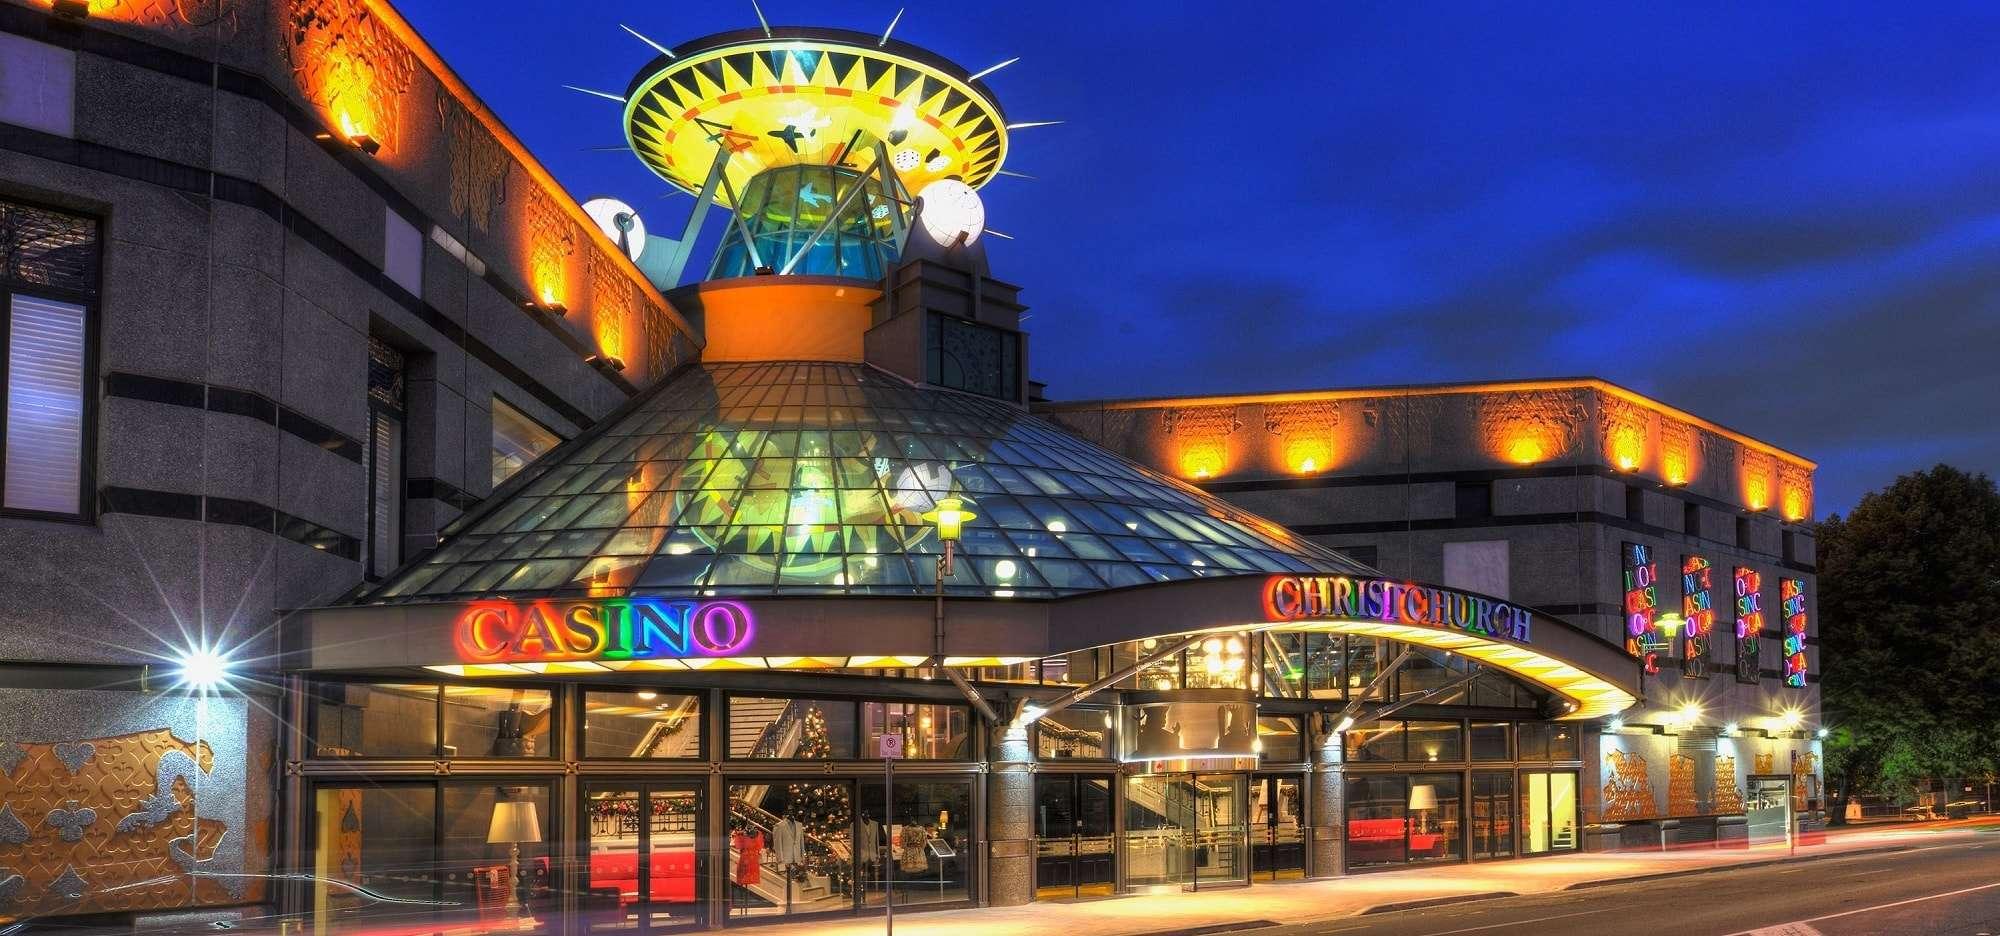 chrischerch-casino-review